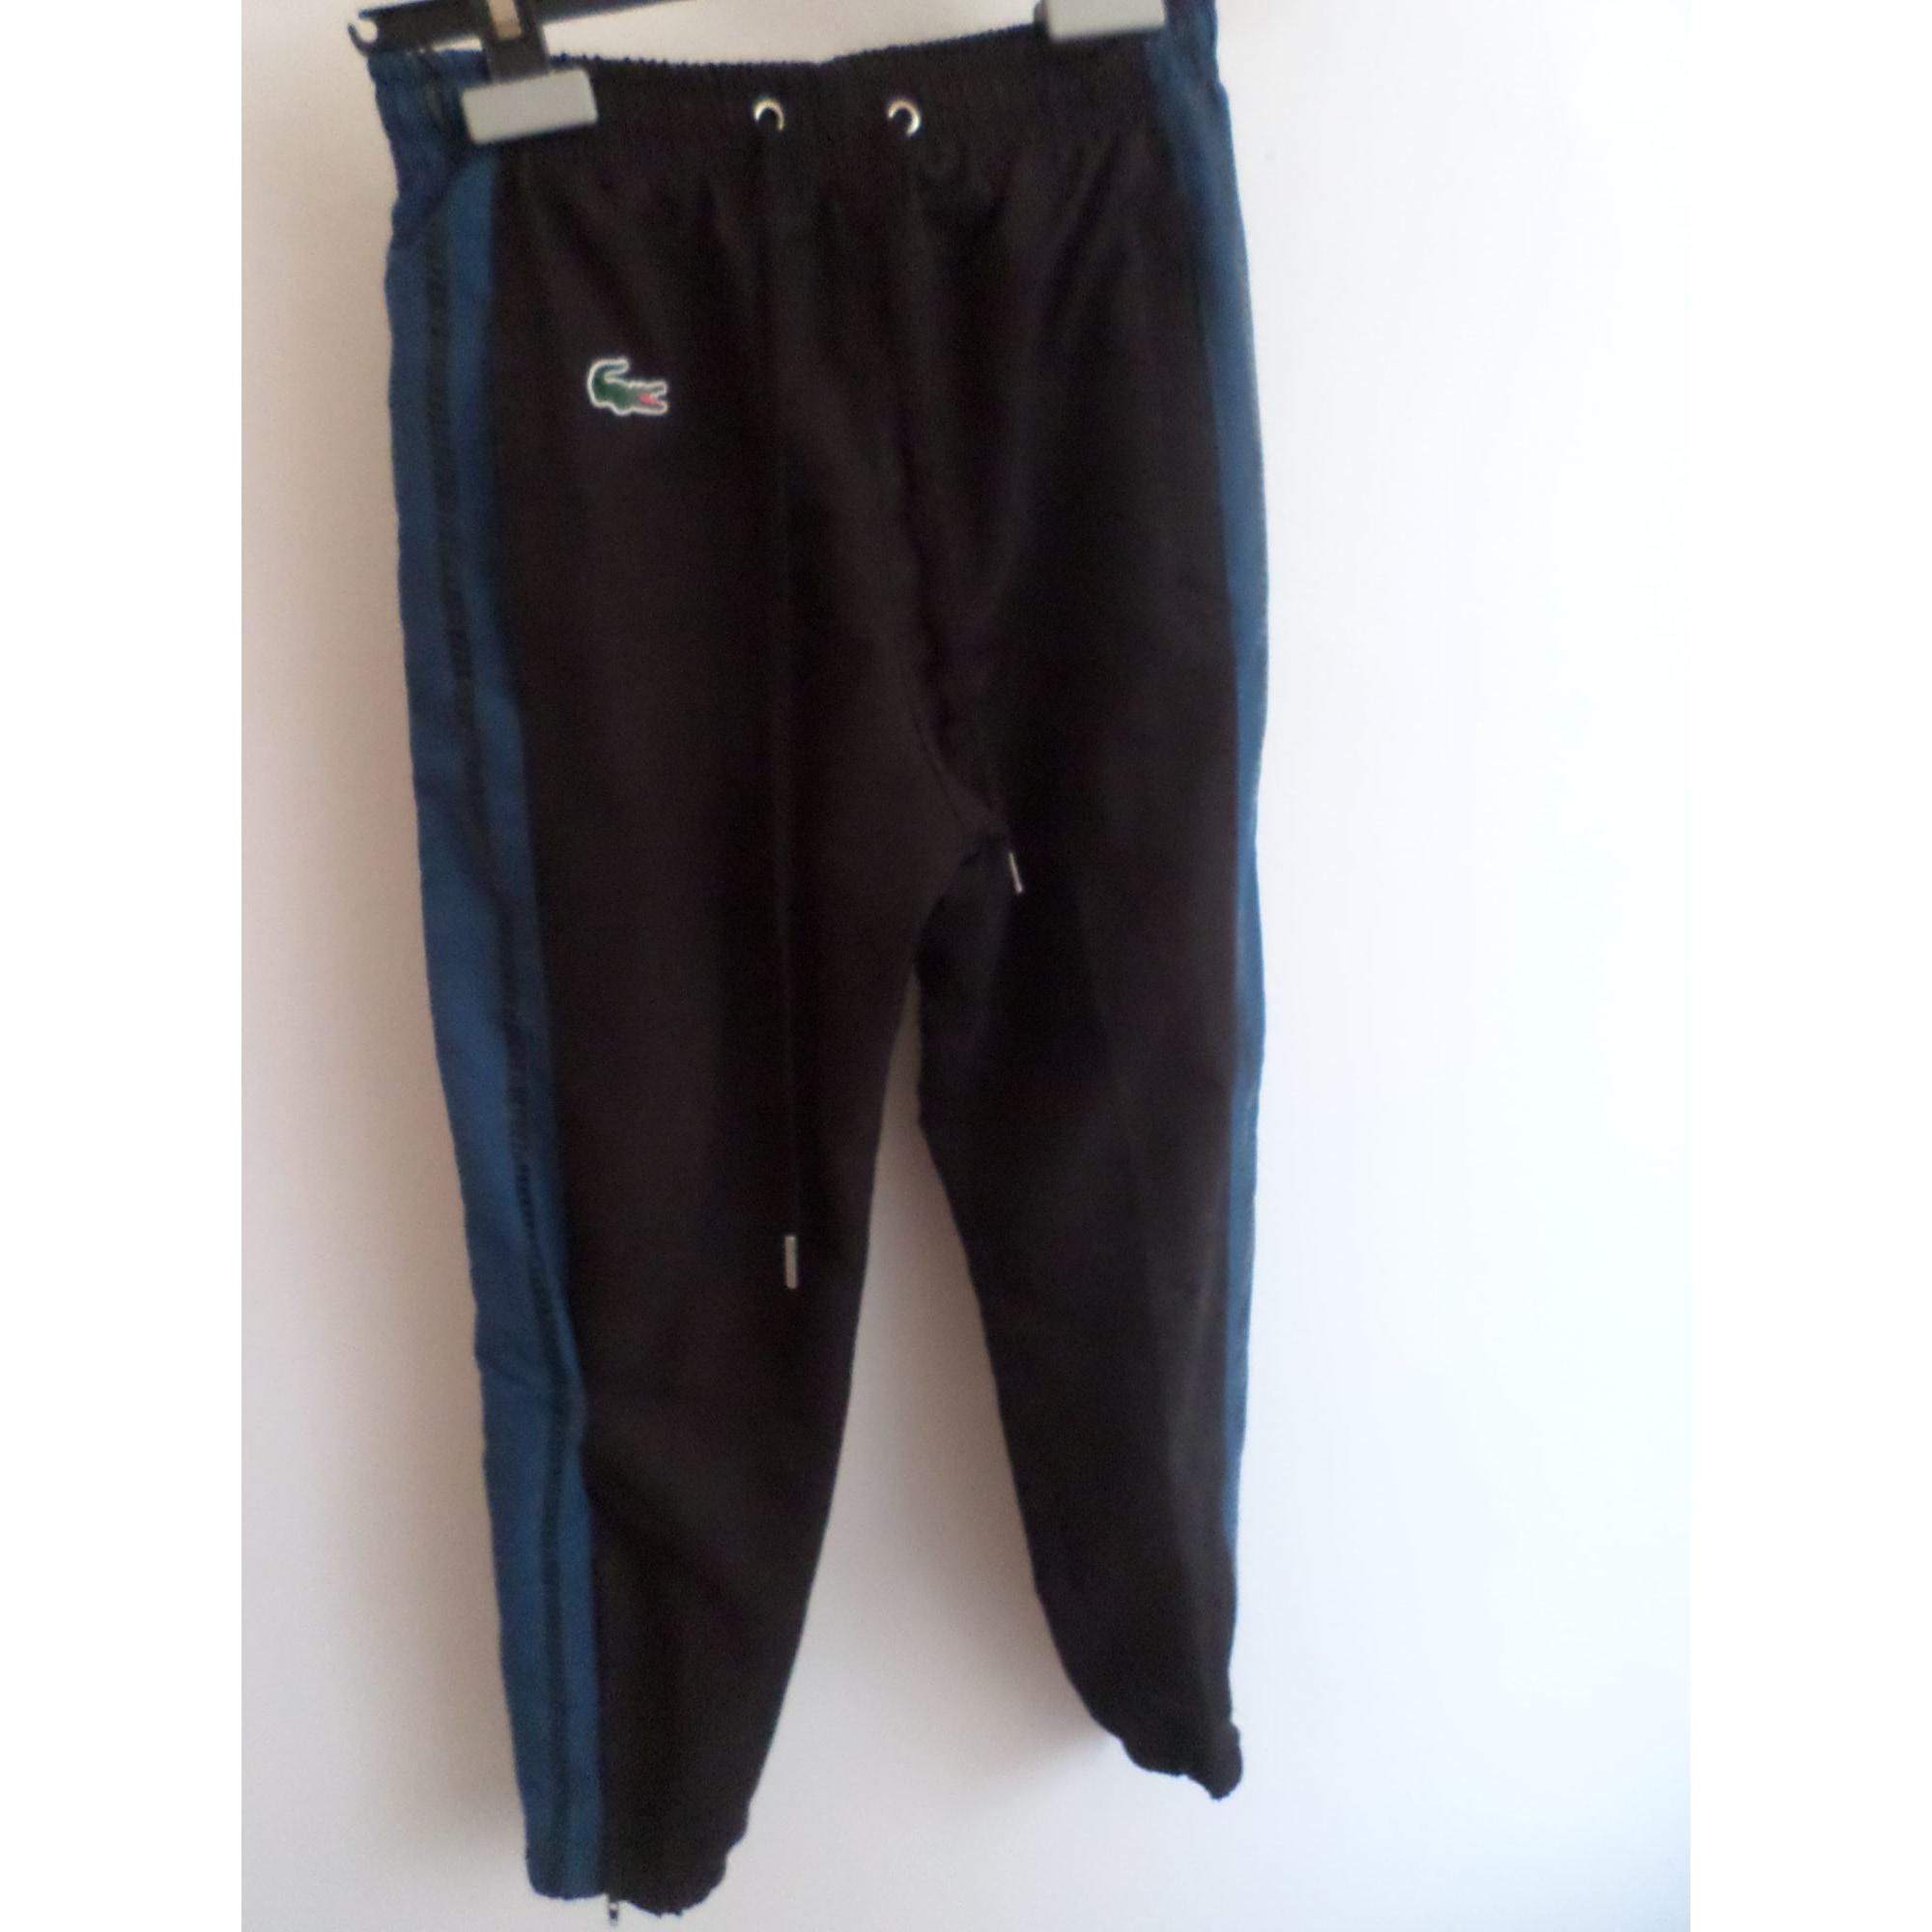 Pantalon de survêtement LACOSTE 9-10 ans